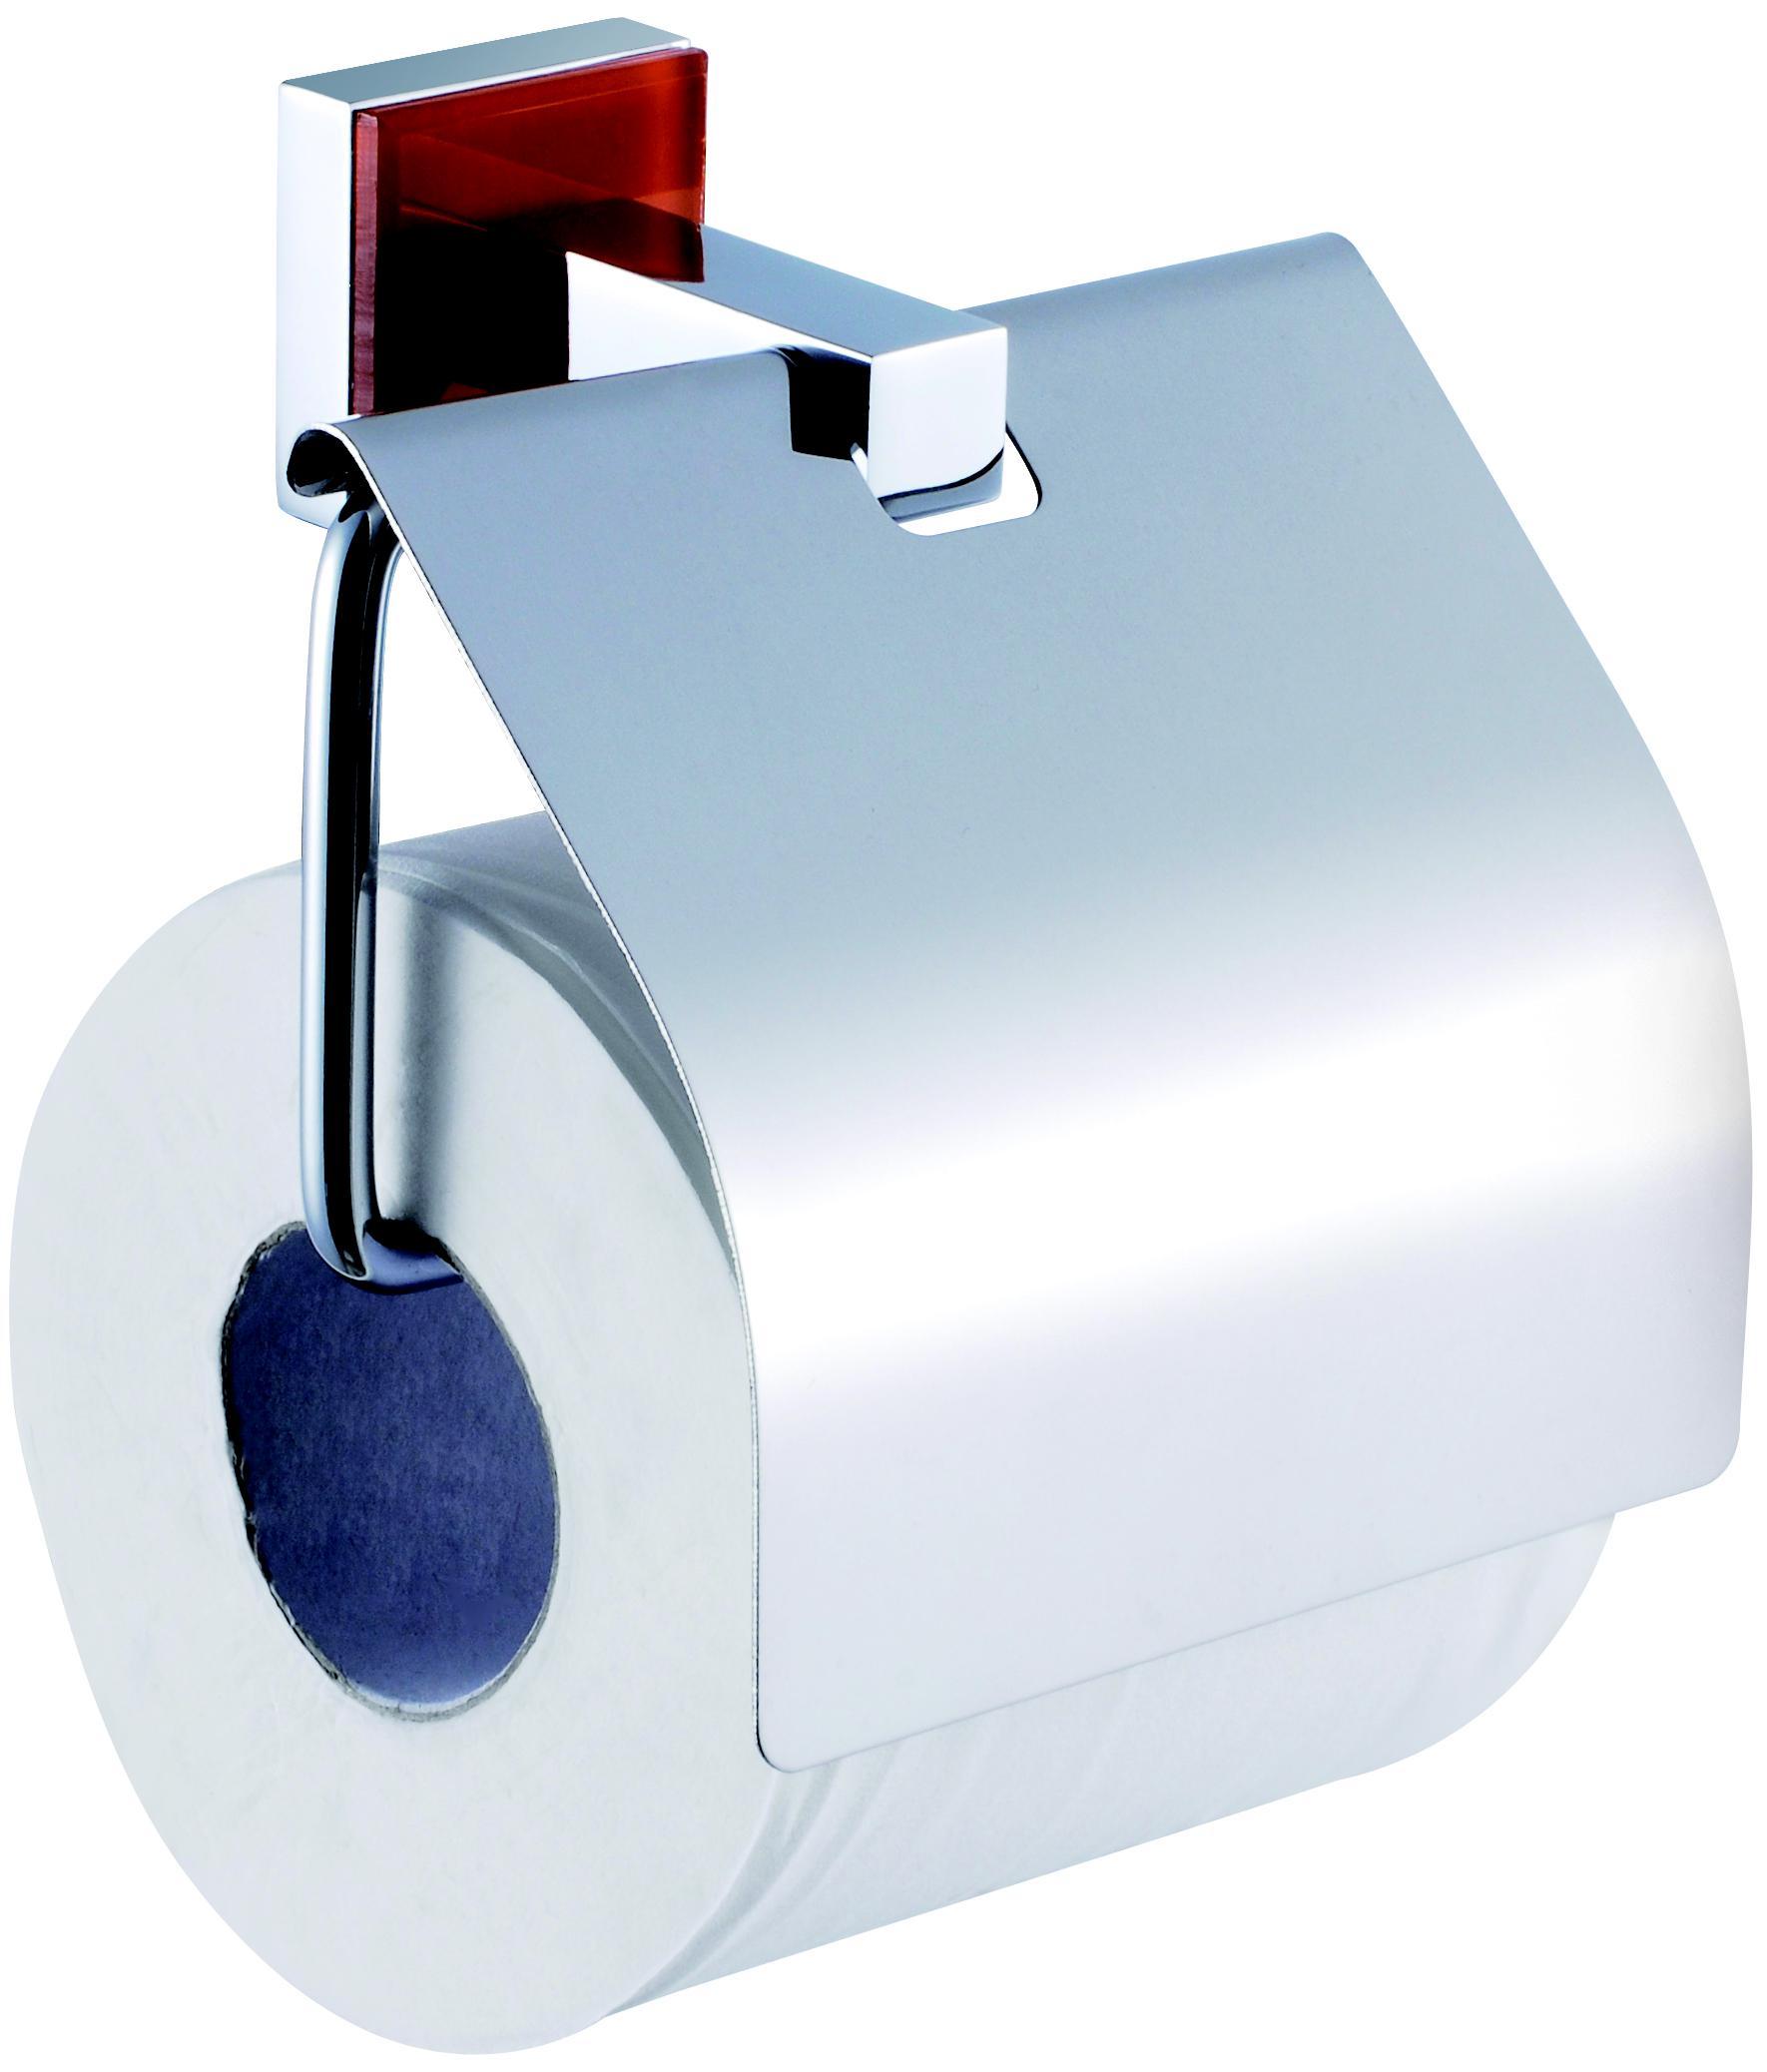 Держатель для туалетной бумаги Osgard Mosaic 84005 держатель для туалетной бумаги milardo amur хром amusmc0m43